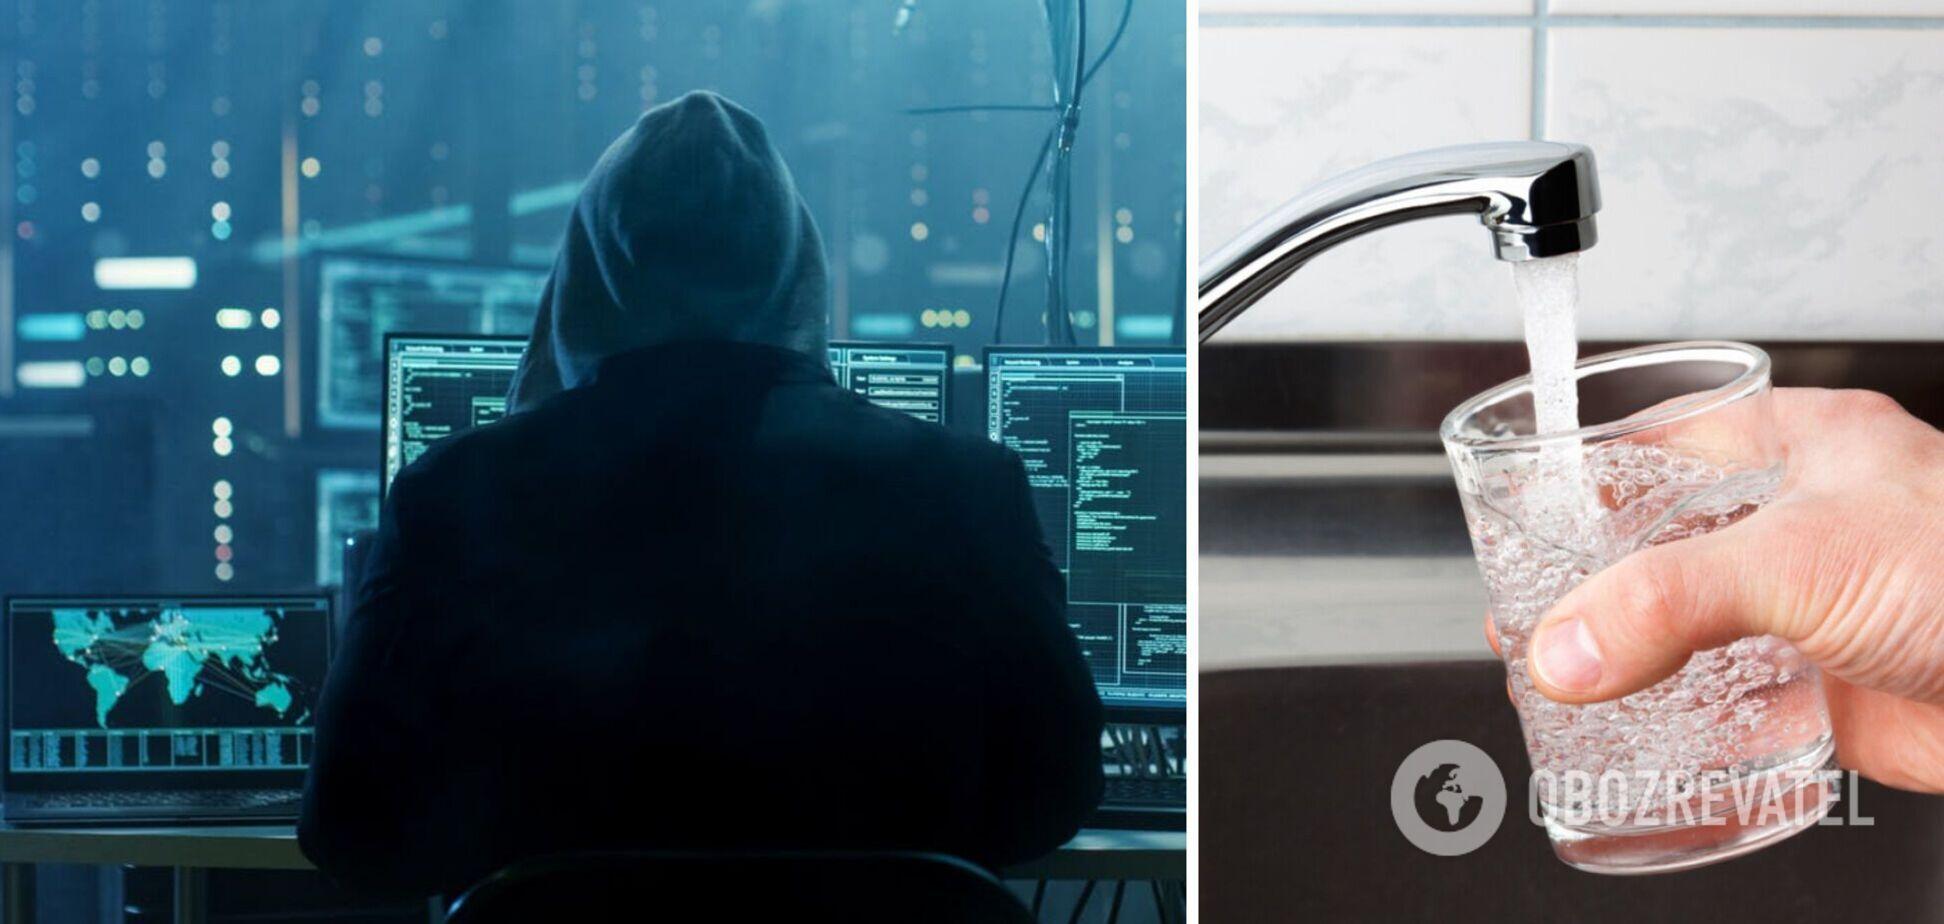 Хакеры пытались отравить всех жителей американского города